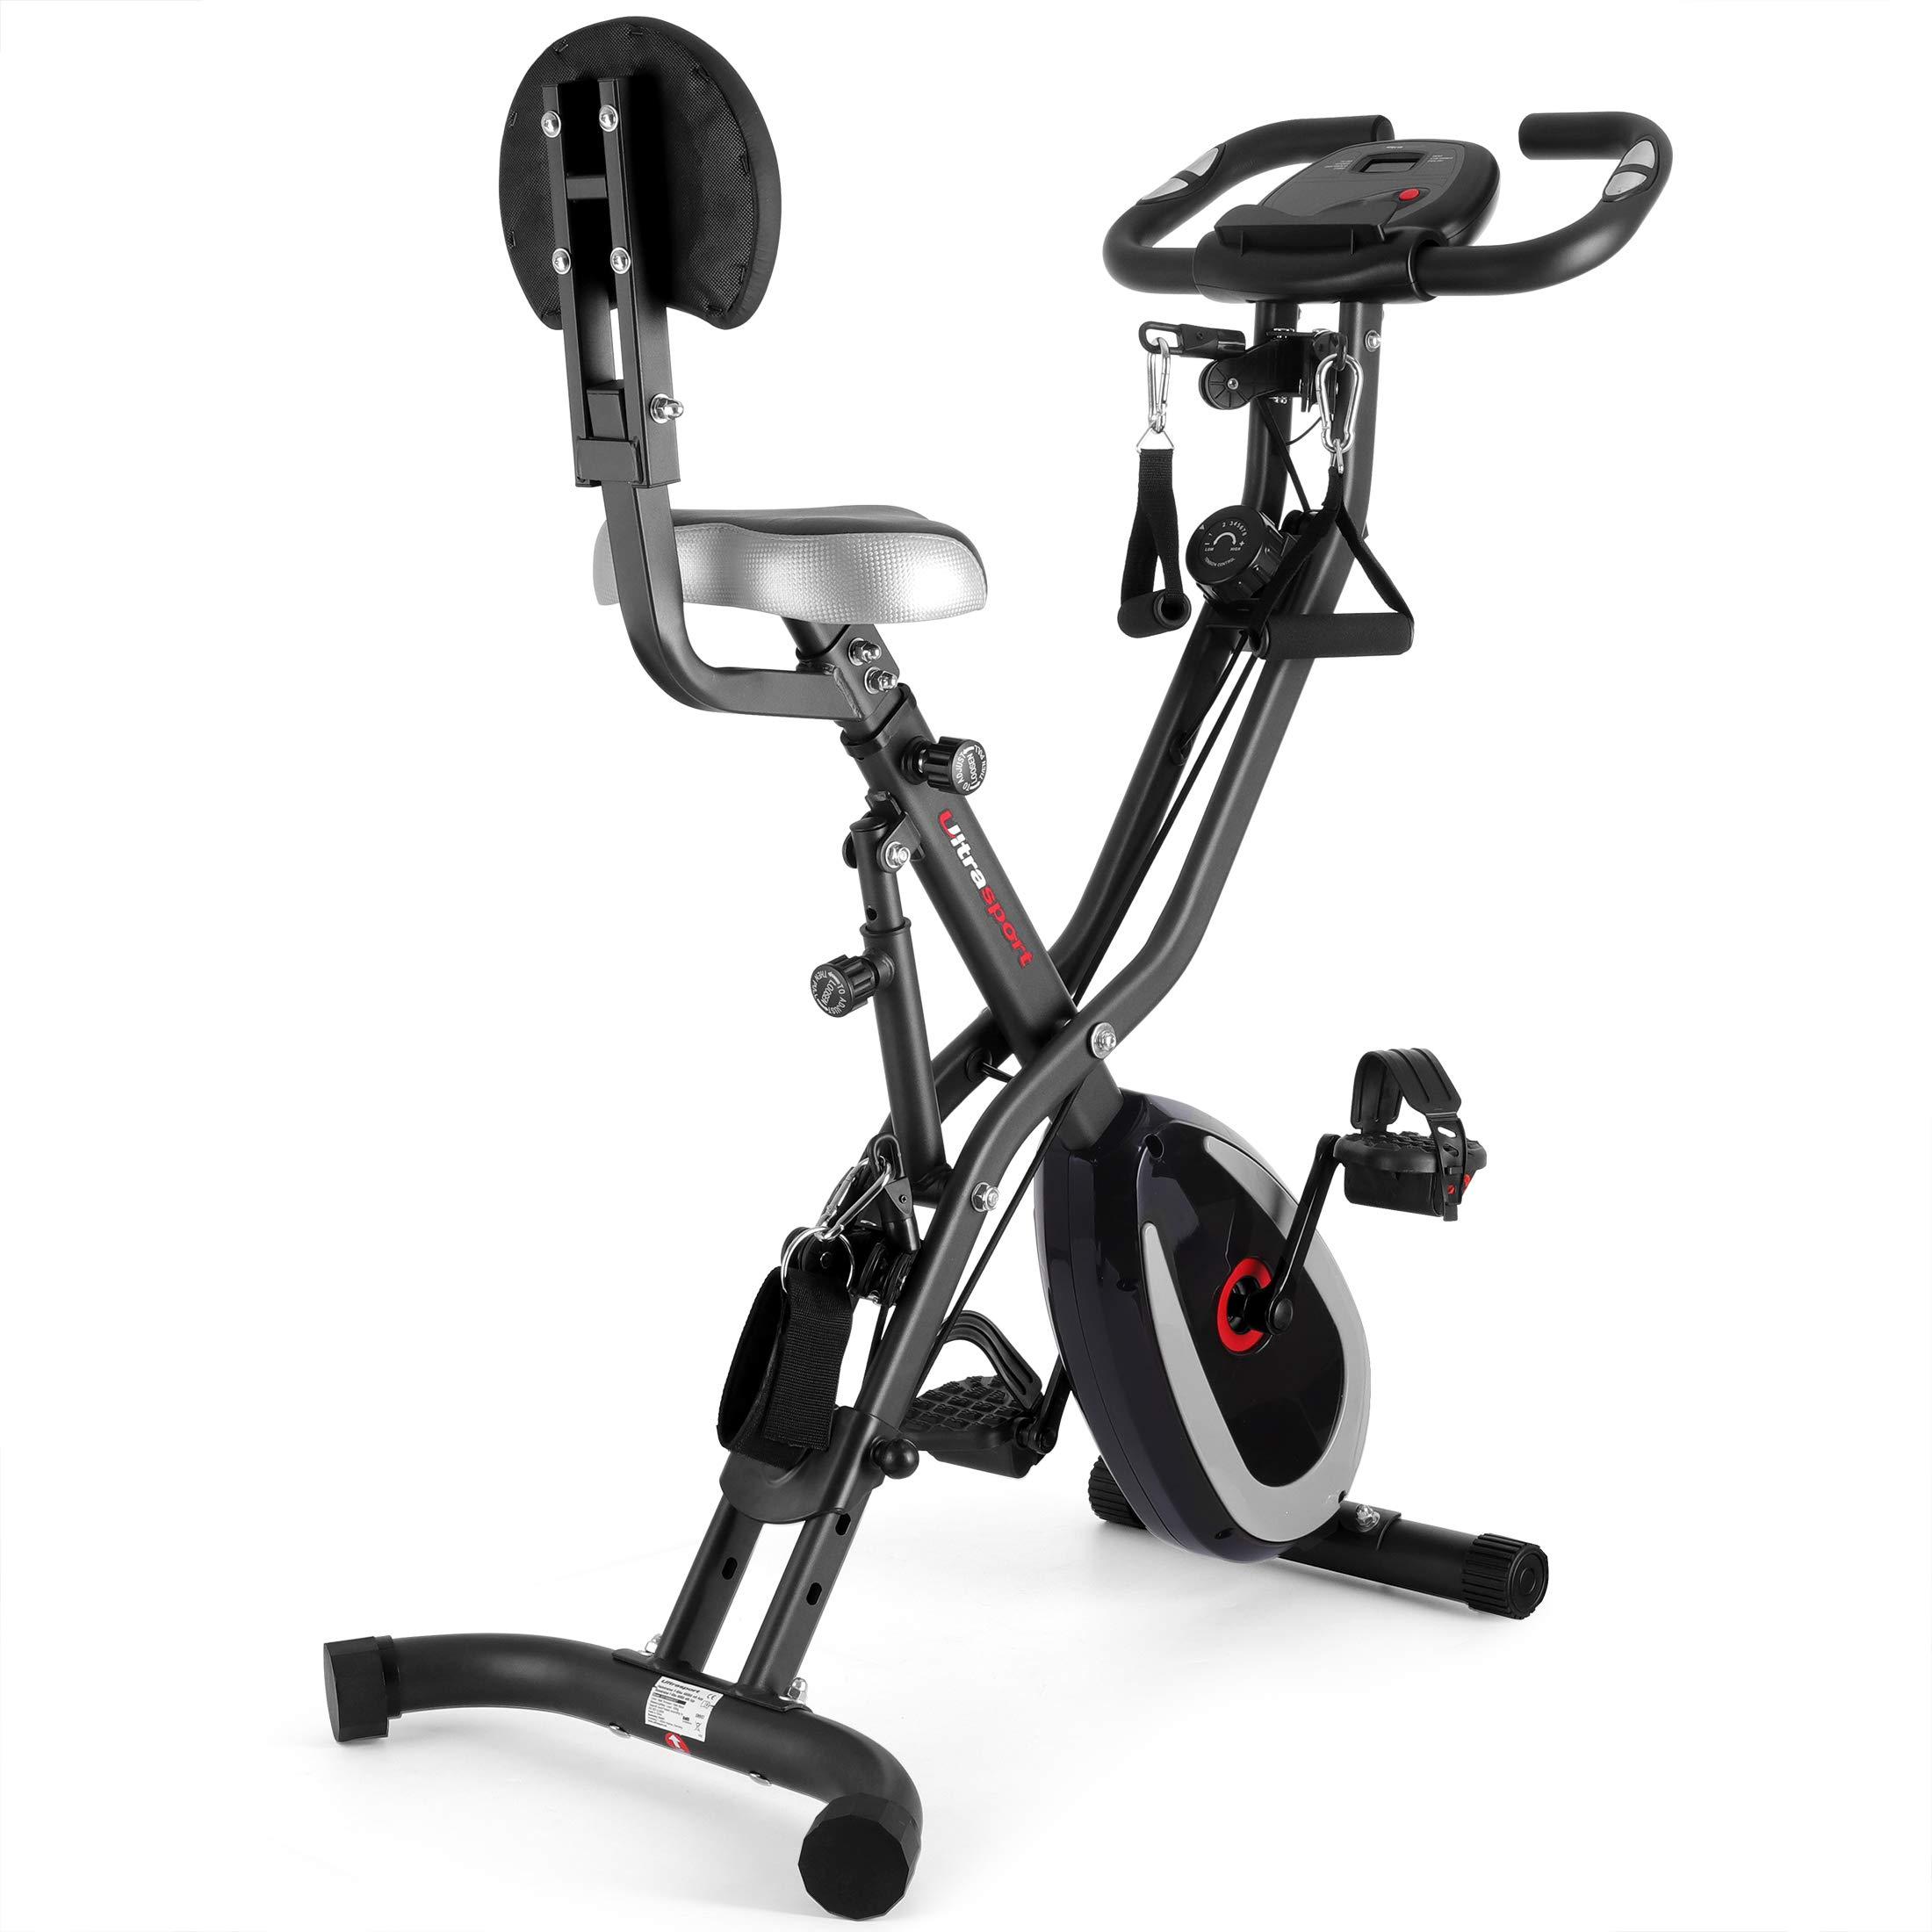 Ultrasport F-Bike 400BS Bicicleta estática Plegable, tracción, Pantalla y App, F-Bike 400BS con Respaldo/Cuerdas & APP, Unisex, Gris Oscuro / Negro: Amazon.es: Deportes y aire libre